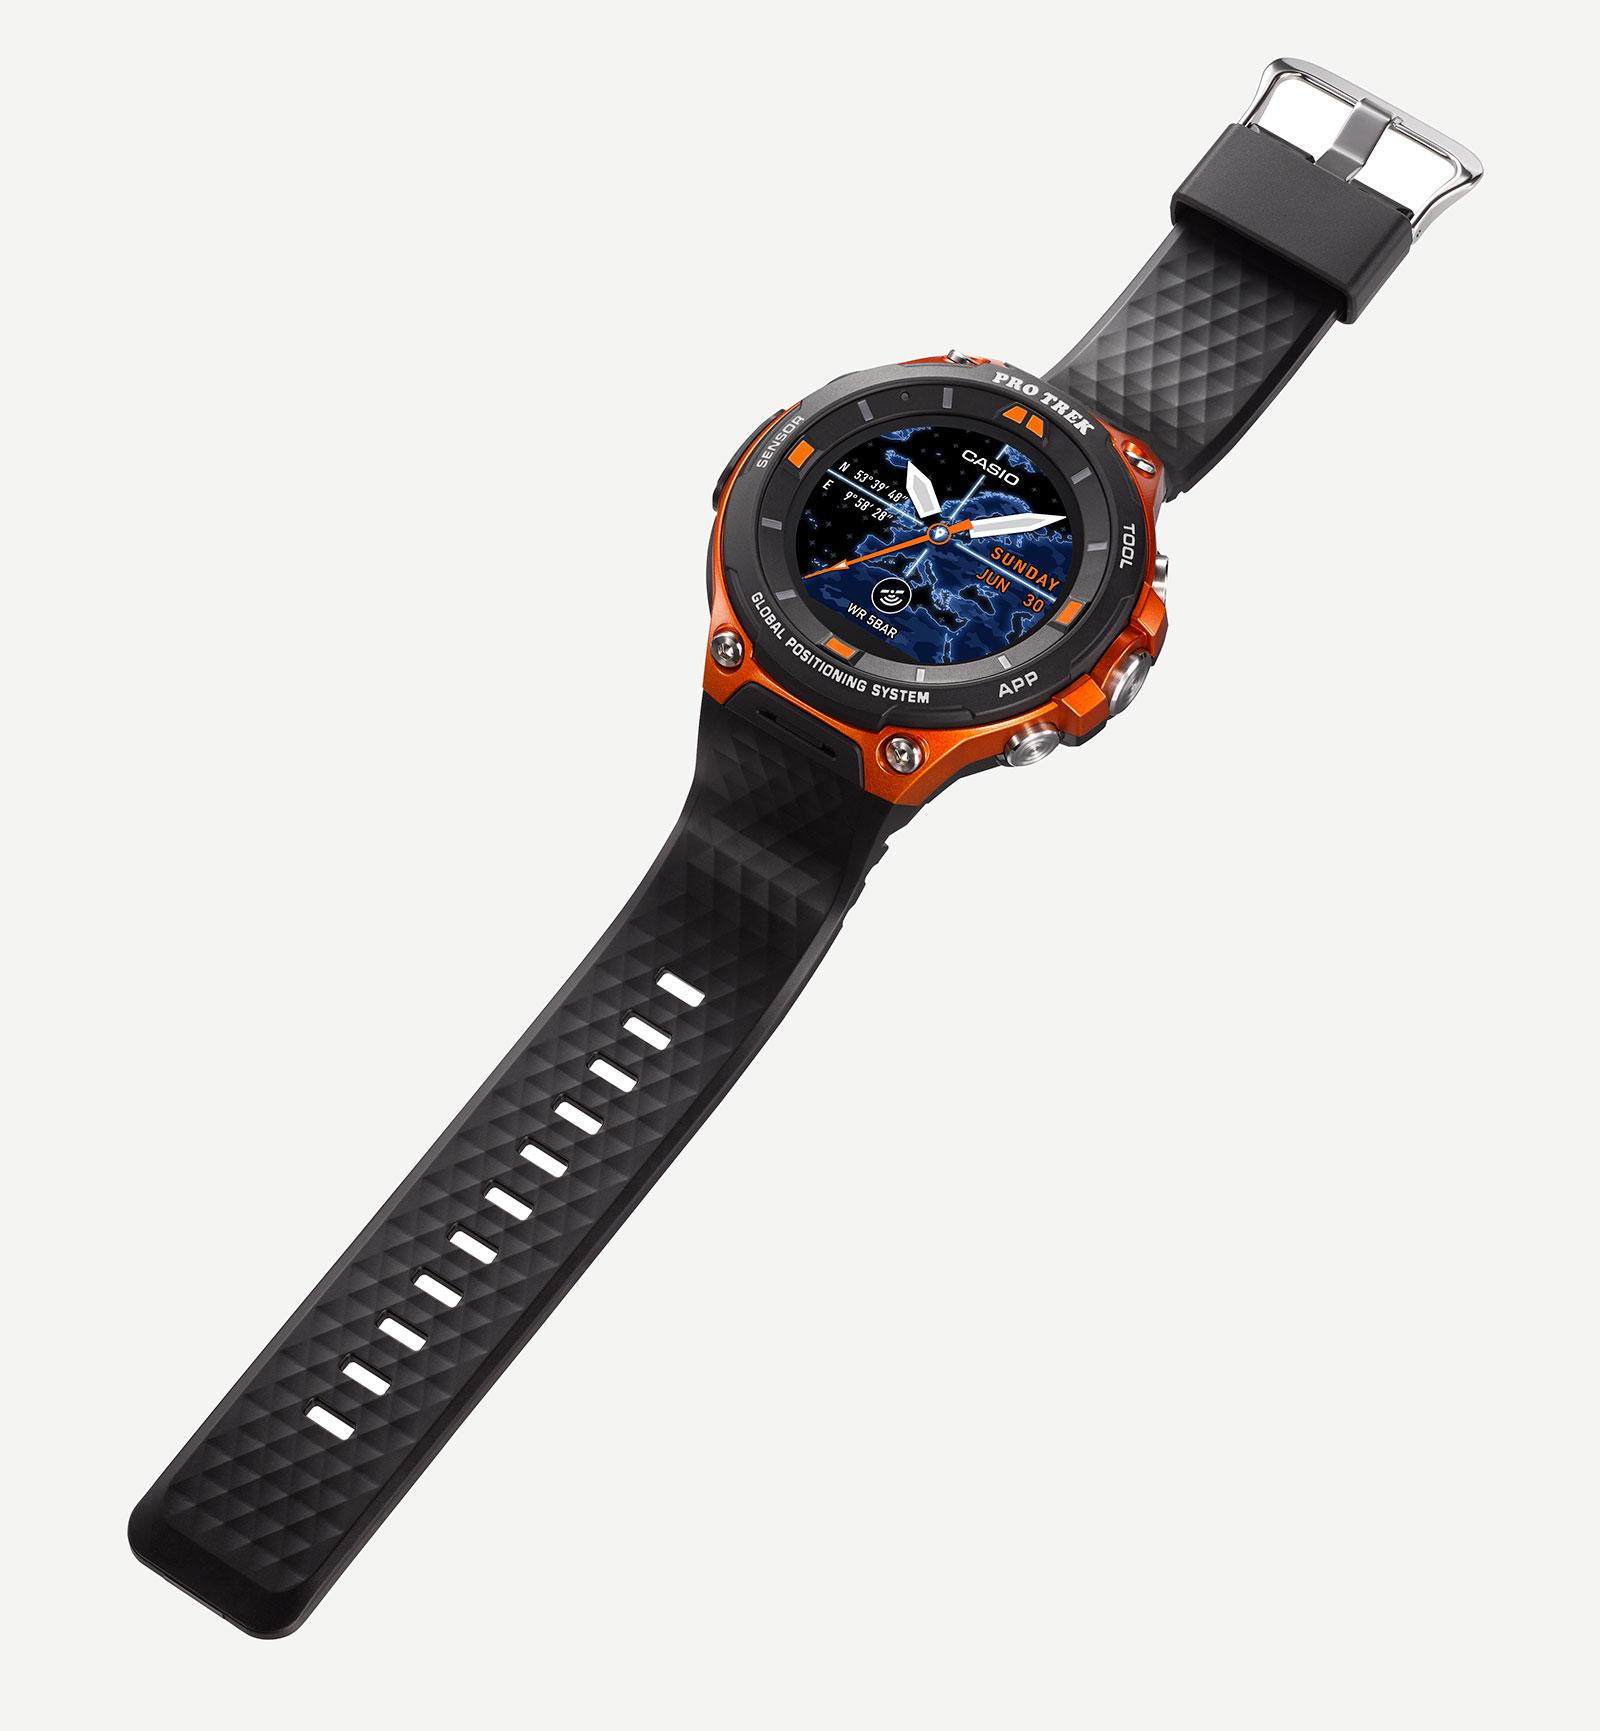 Casio Protrek WSD-F20 Smart Outdoor Watch 4